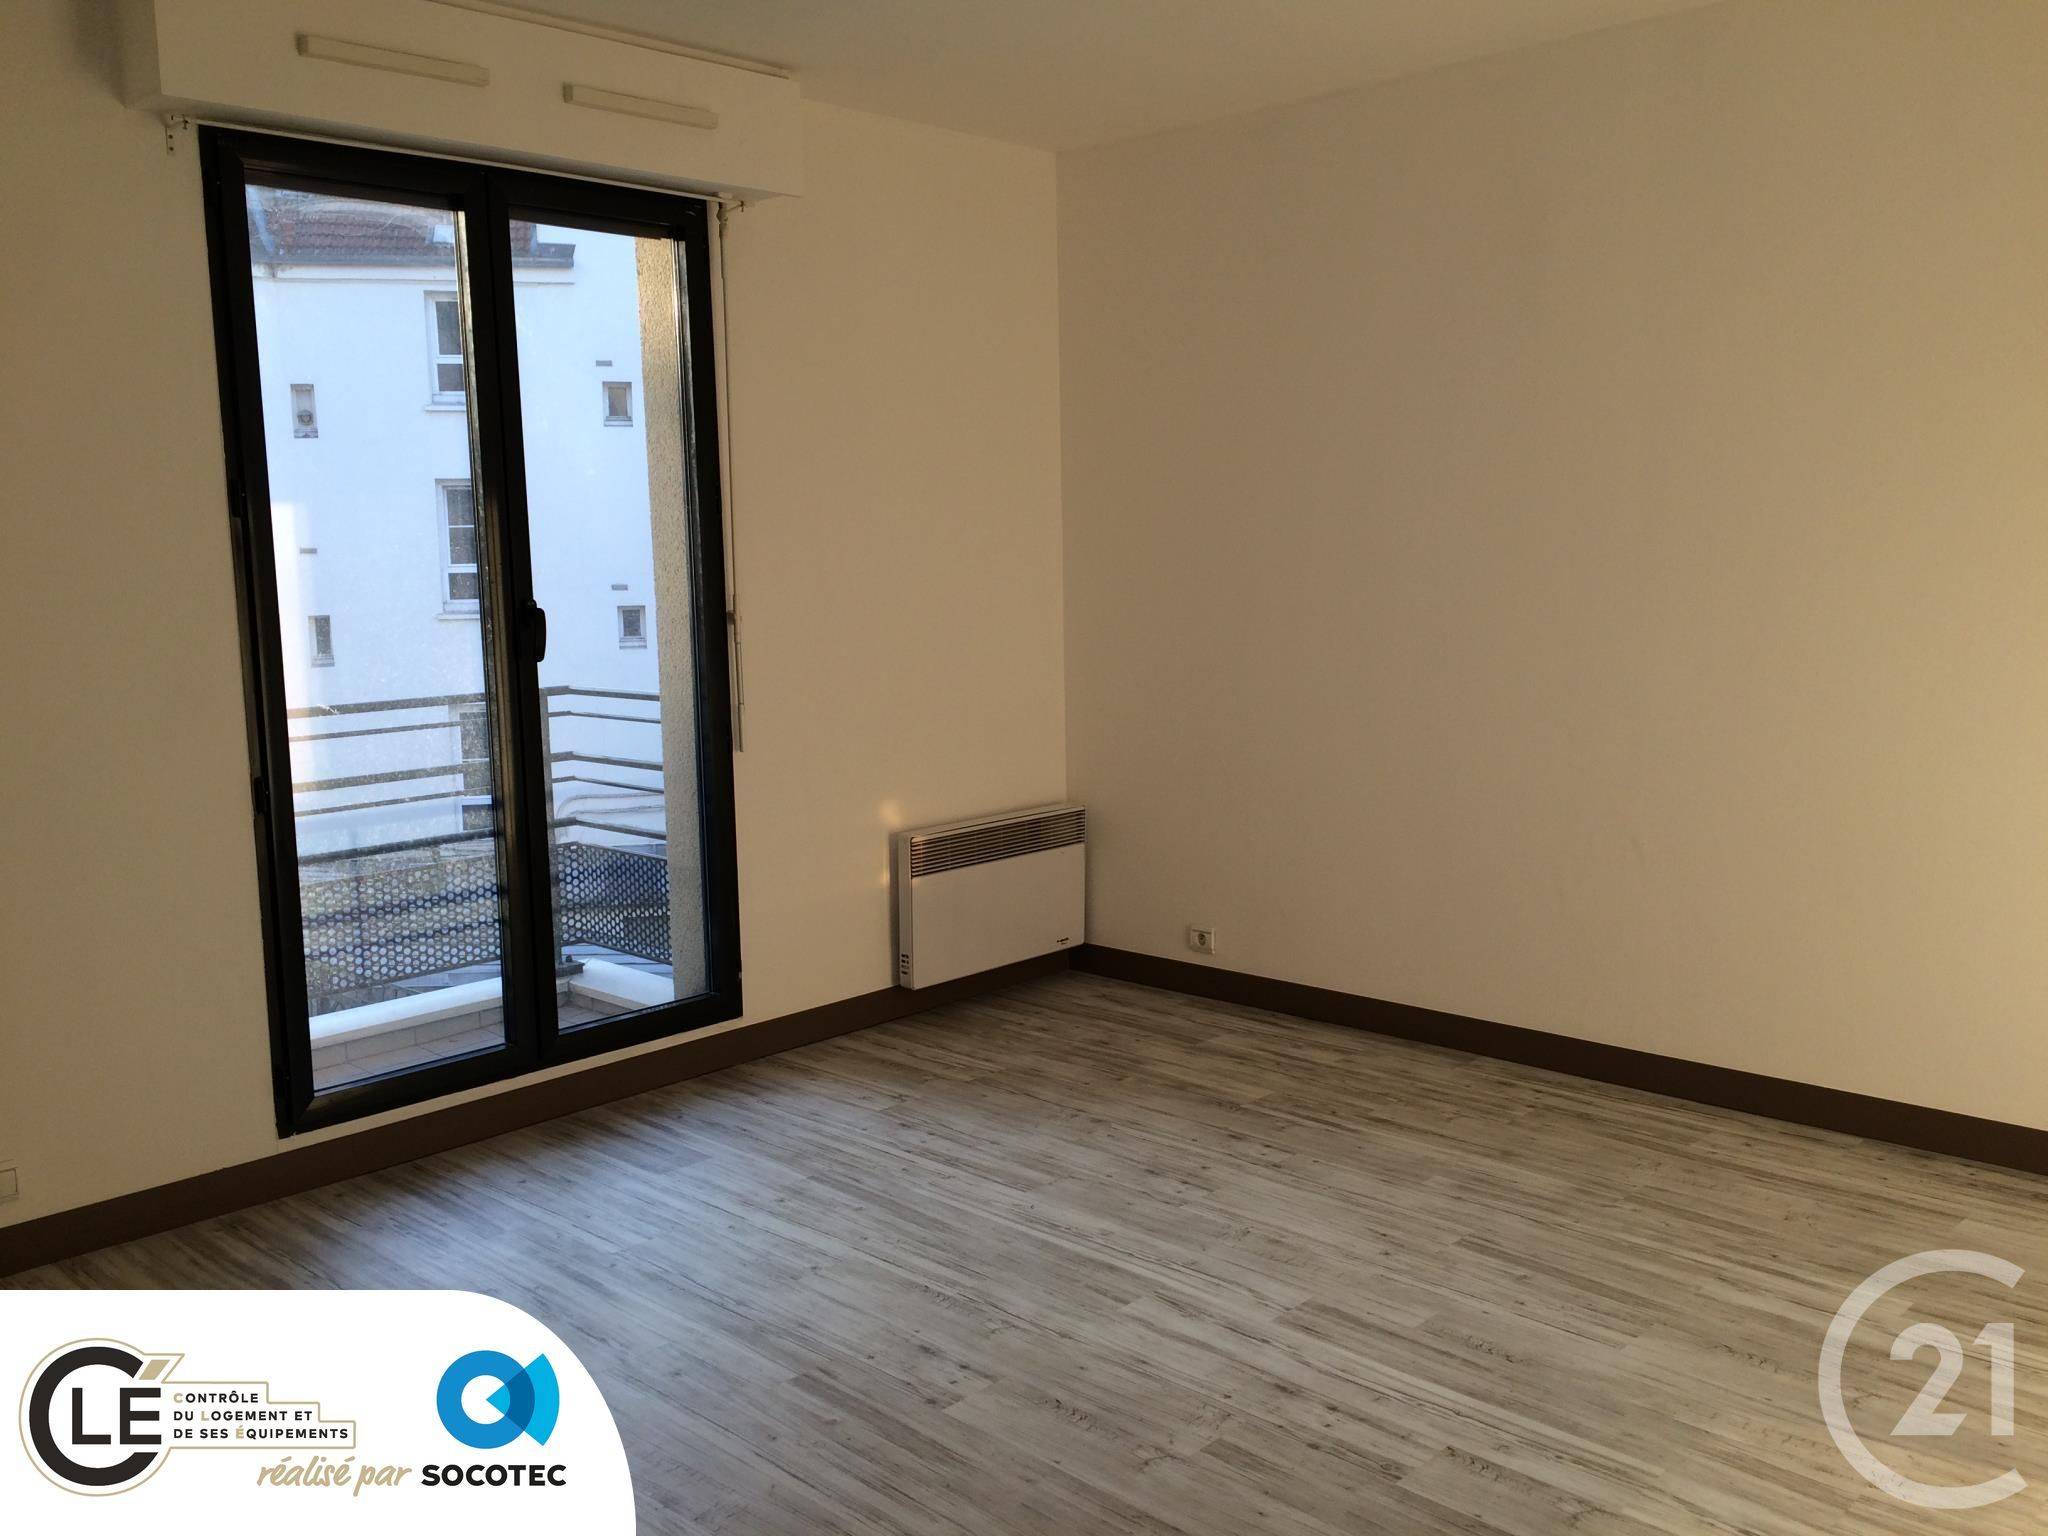 Appartement a louer boulogne-billancourt - 1 pièce(s) - 30.88 m2 - Surfyn